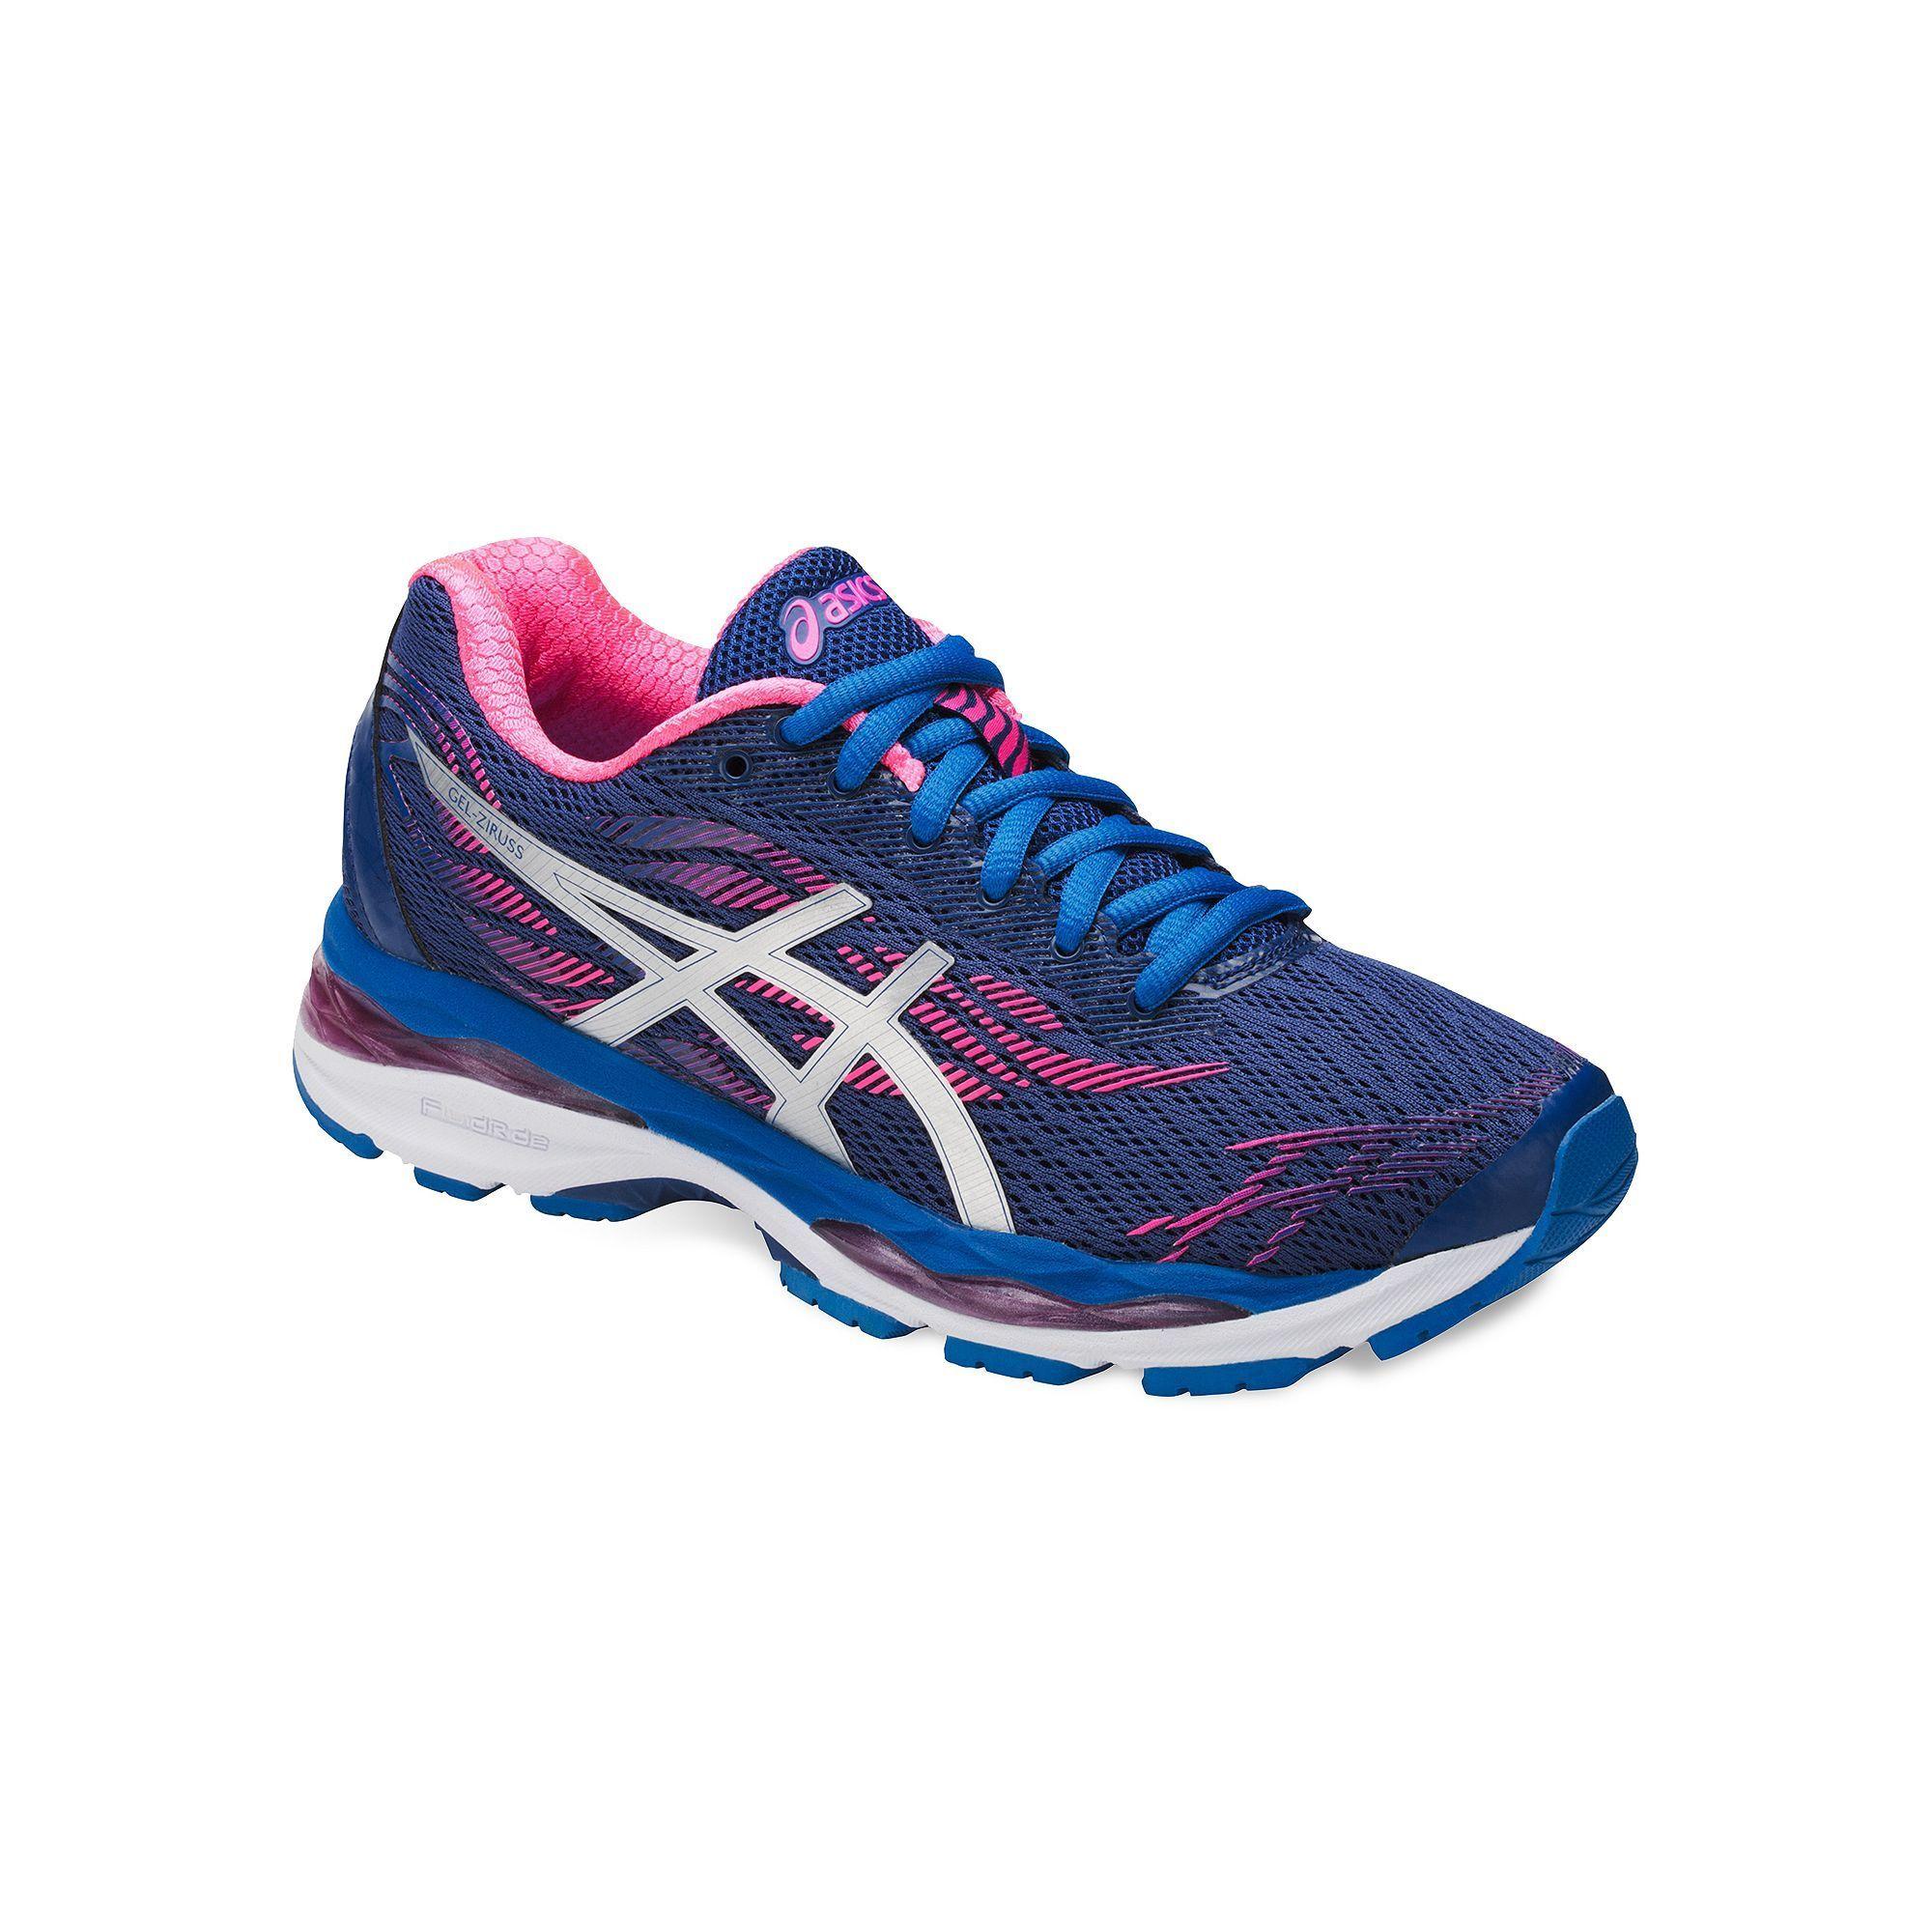 Running Shoes Ziruss Asics Women's Gel wqzvxtg